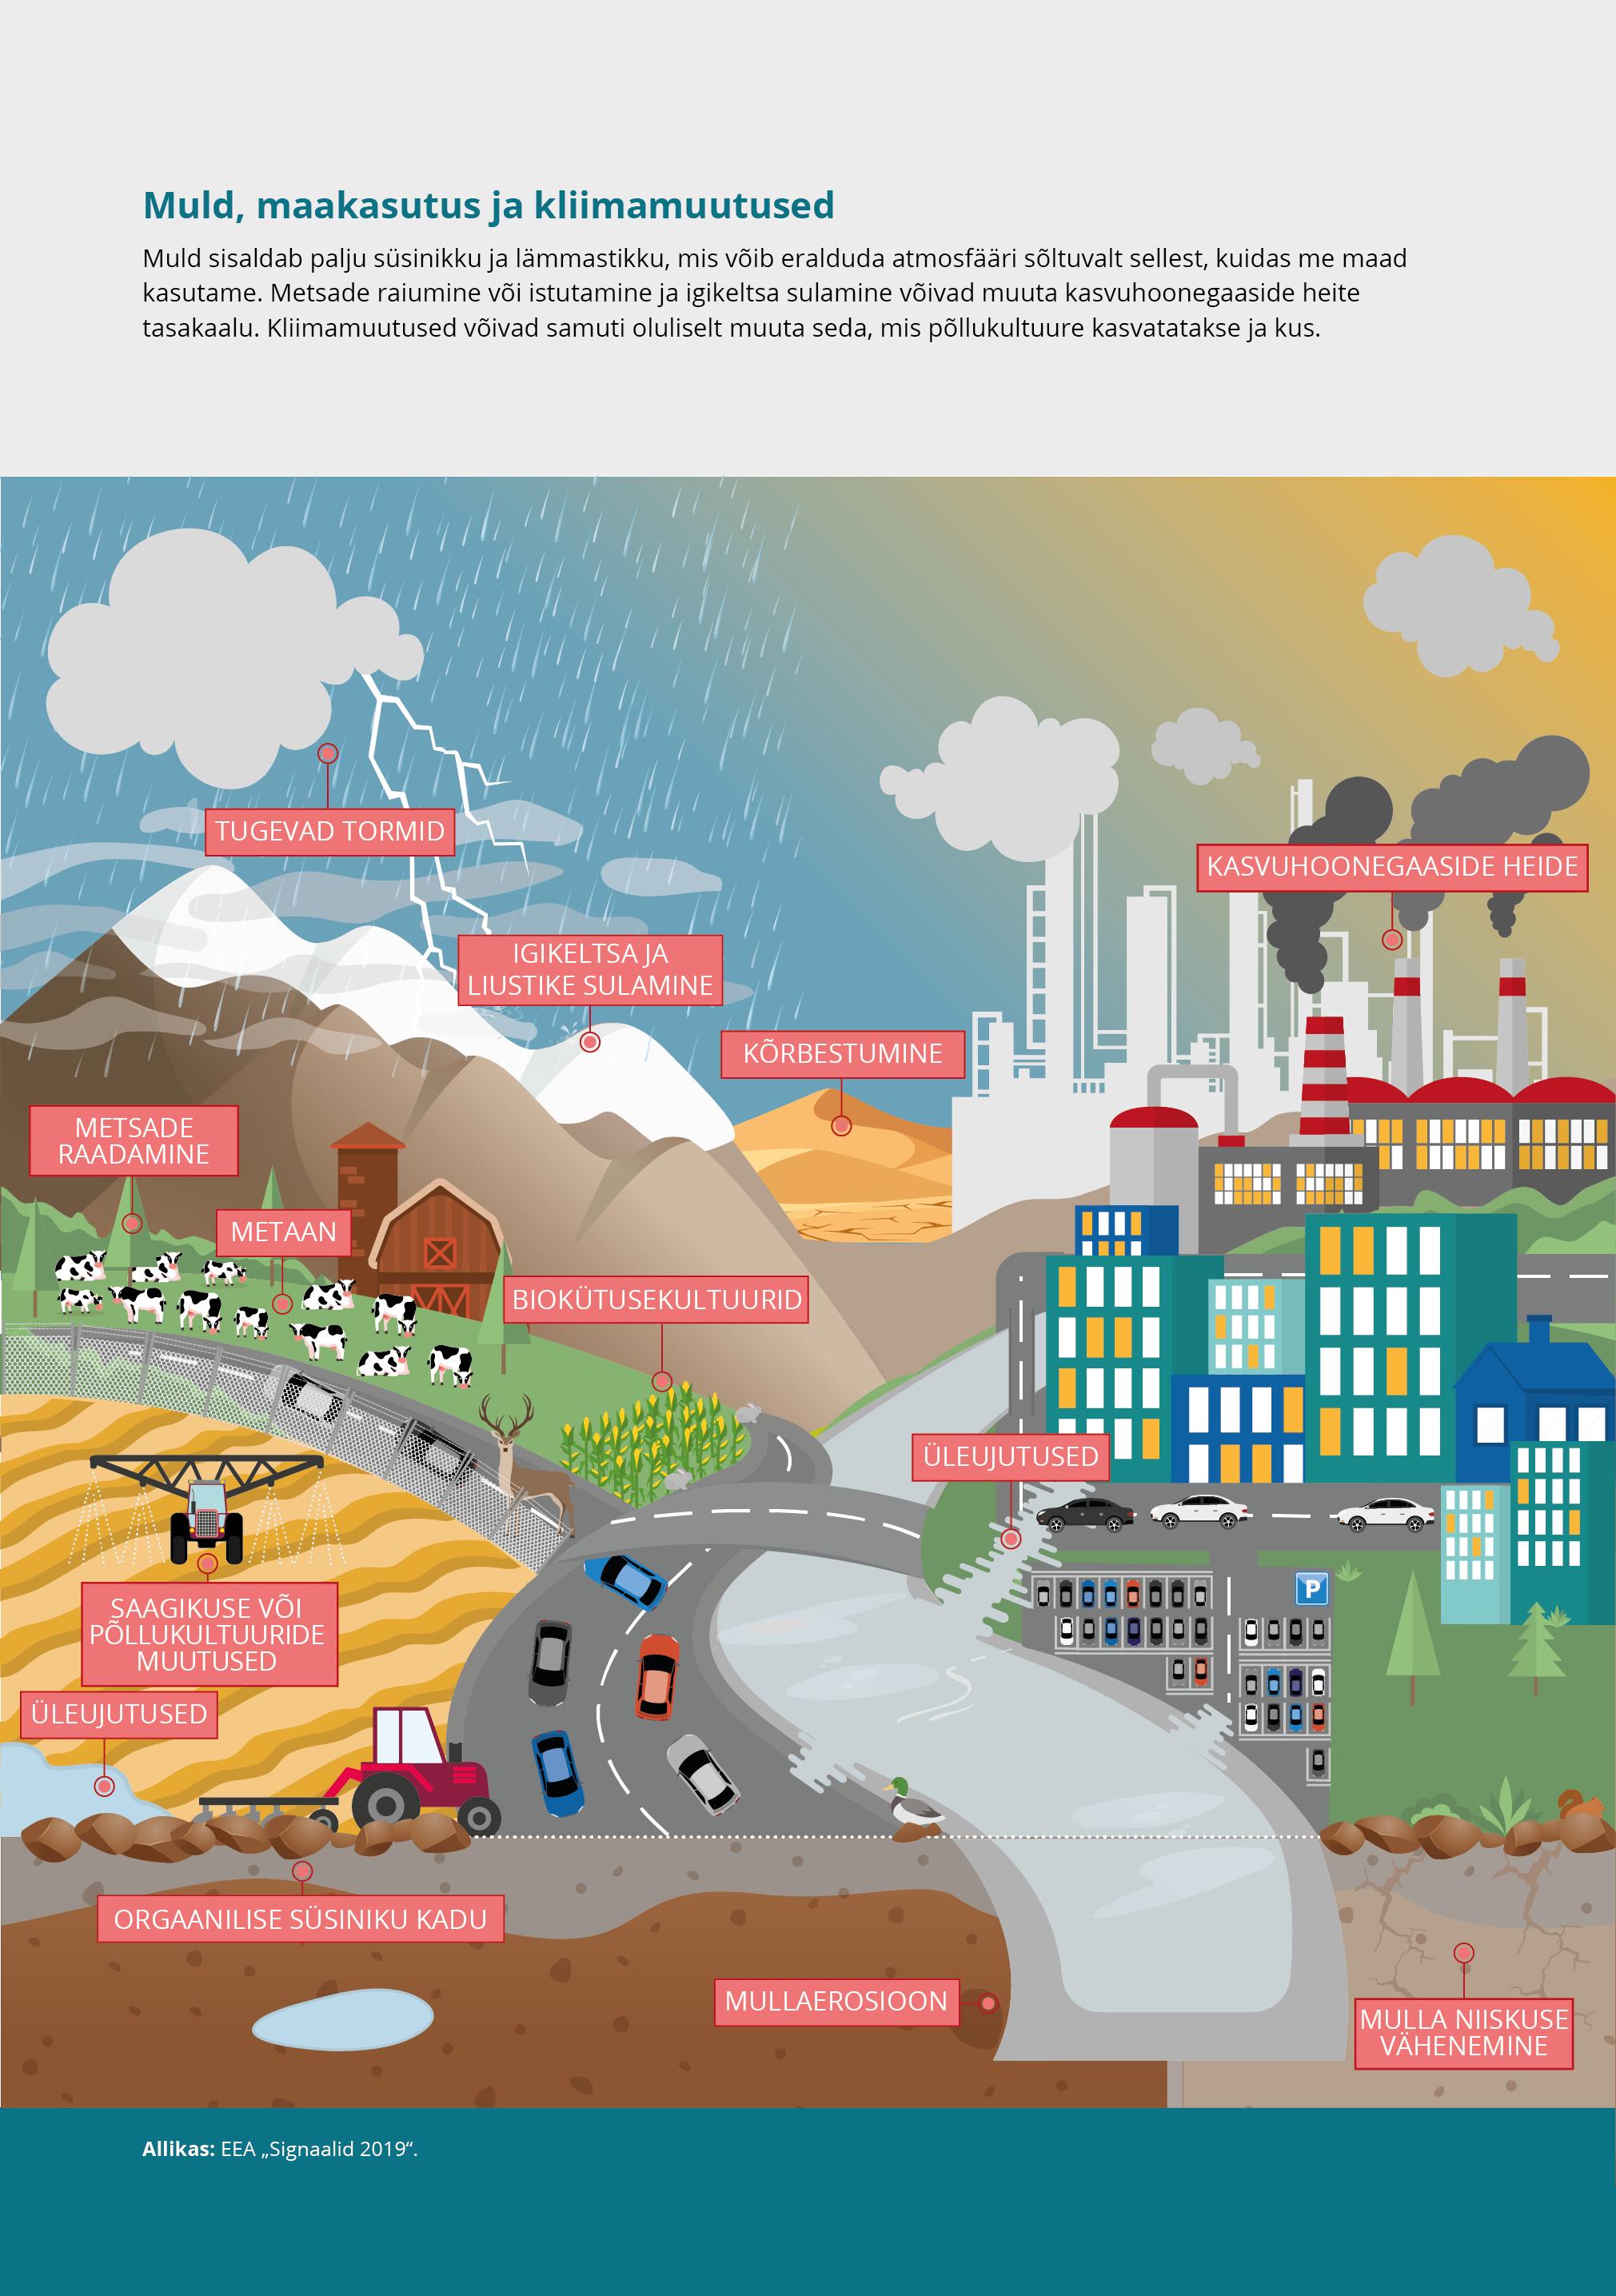 Muld, maakasutus ja kliimamuutused